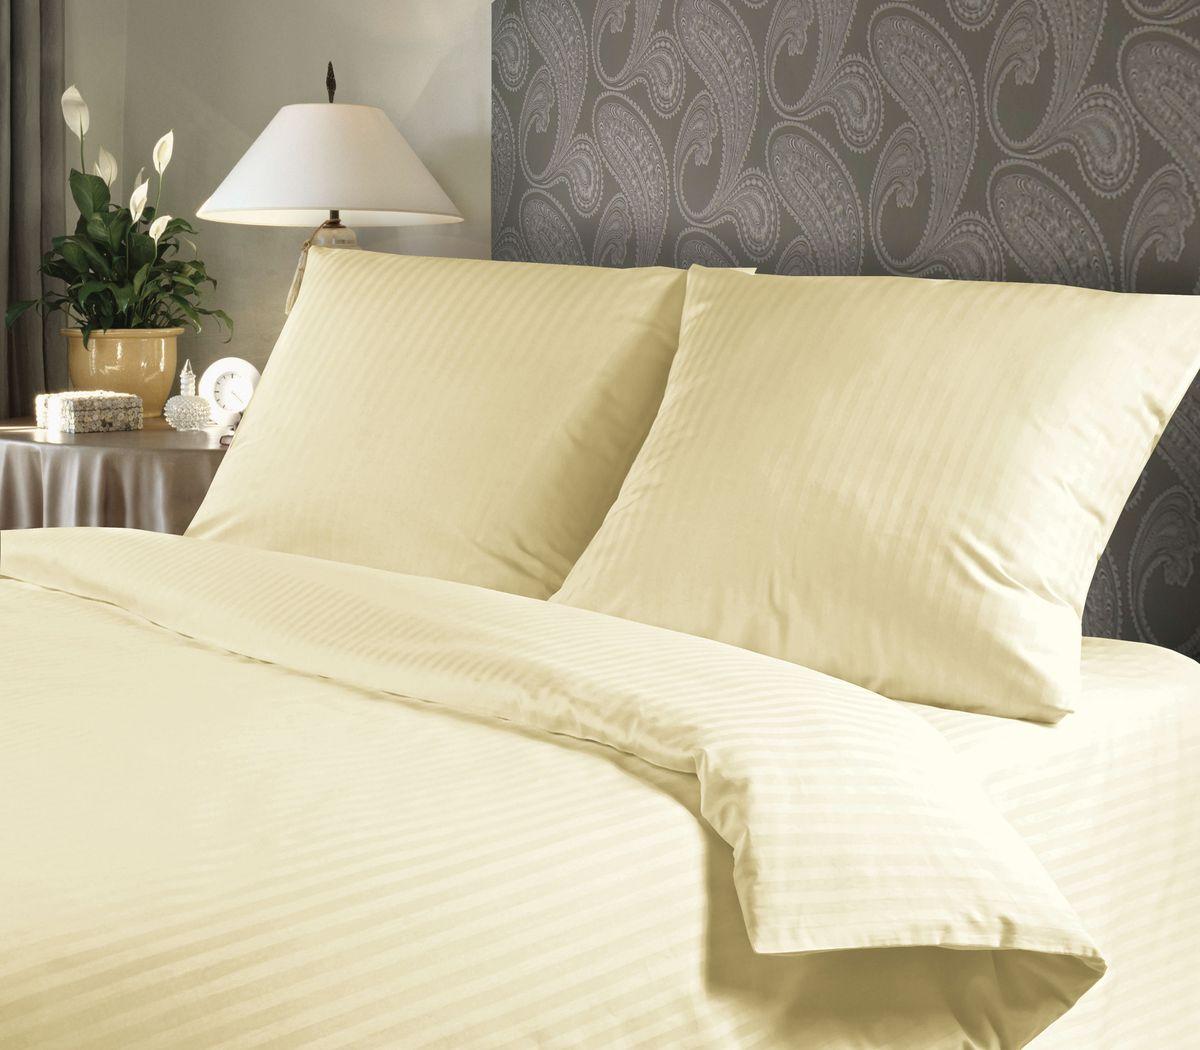 Комплект белья Verossa Amber, 2-спальный, наволочки 50х70 комплект постельного белья 2 спальный из сатина seta цвет голубой розовый